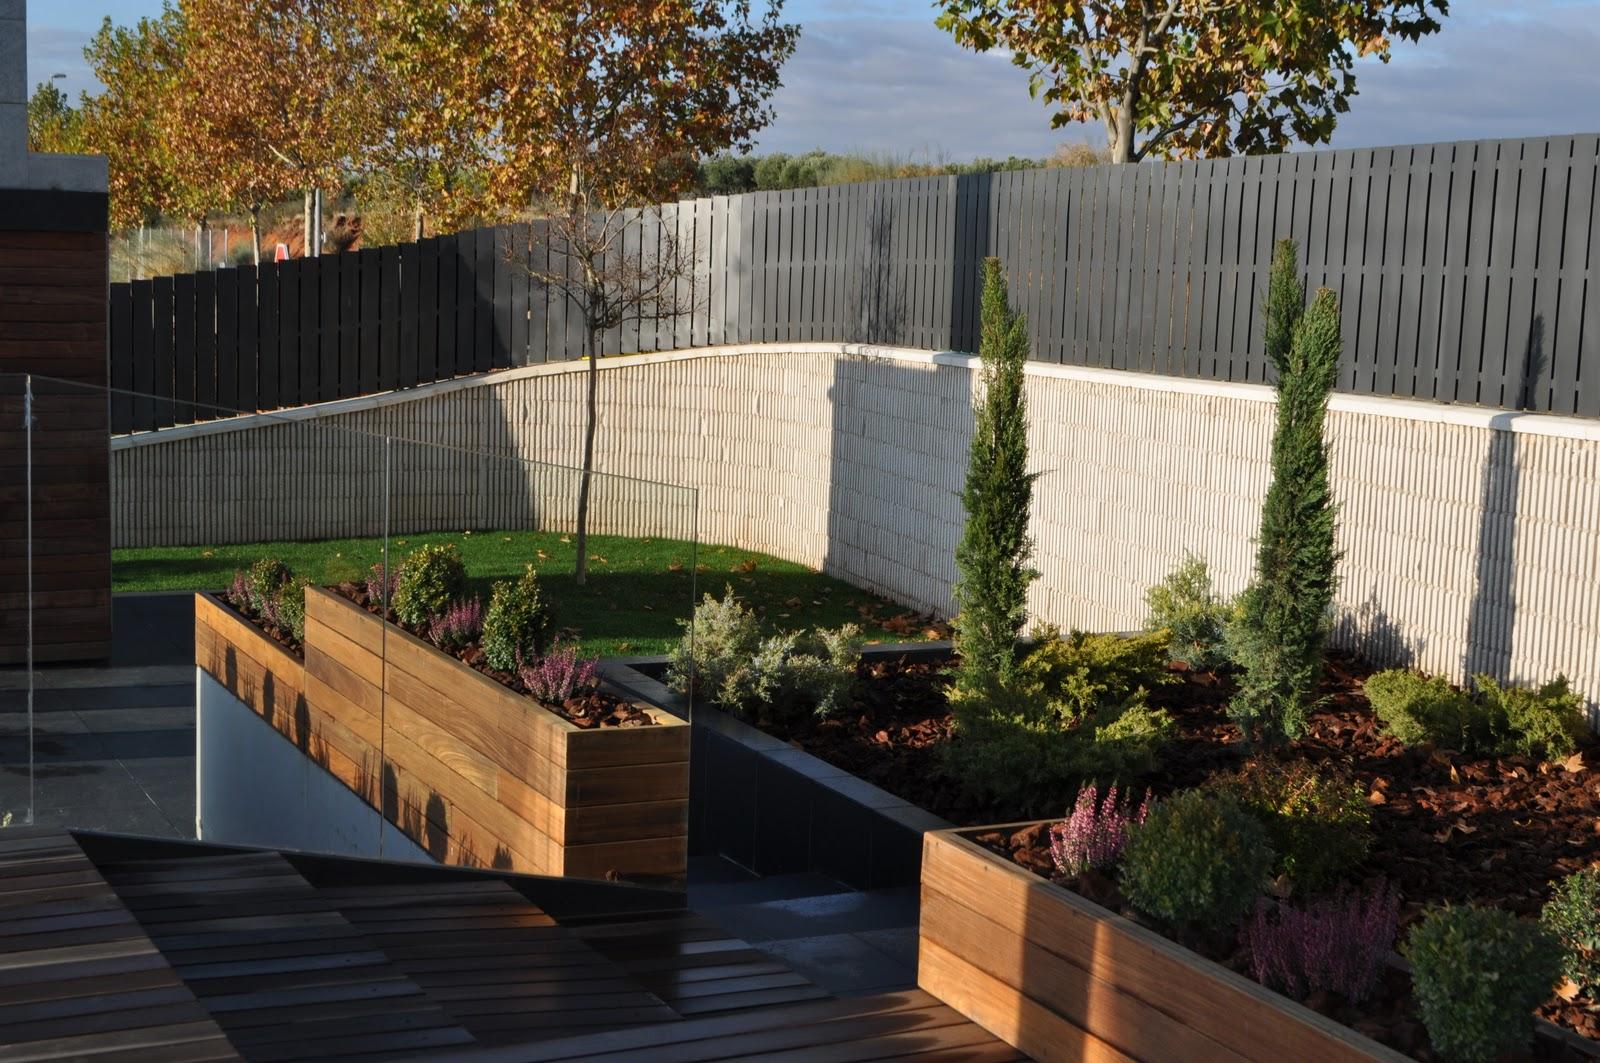 Jardines anaga paisajismo 630535804 - Paisajismo minimalista ...